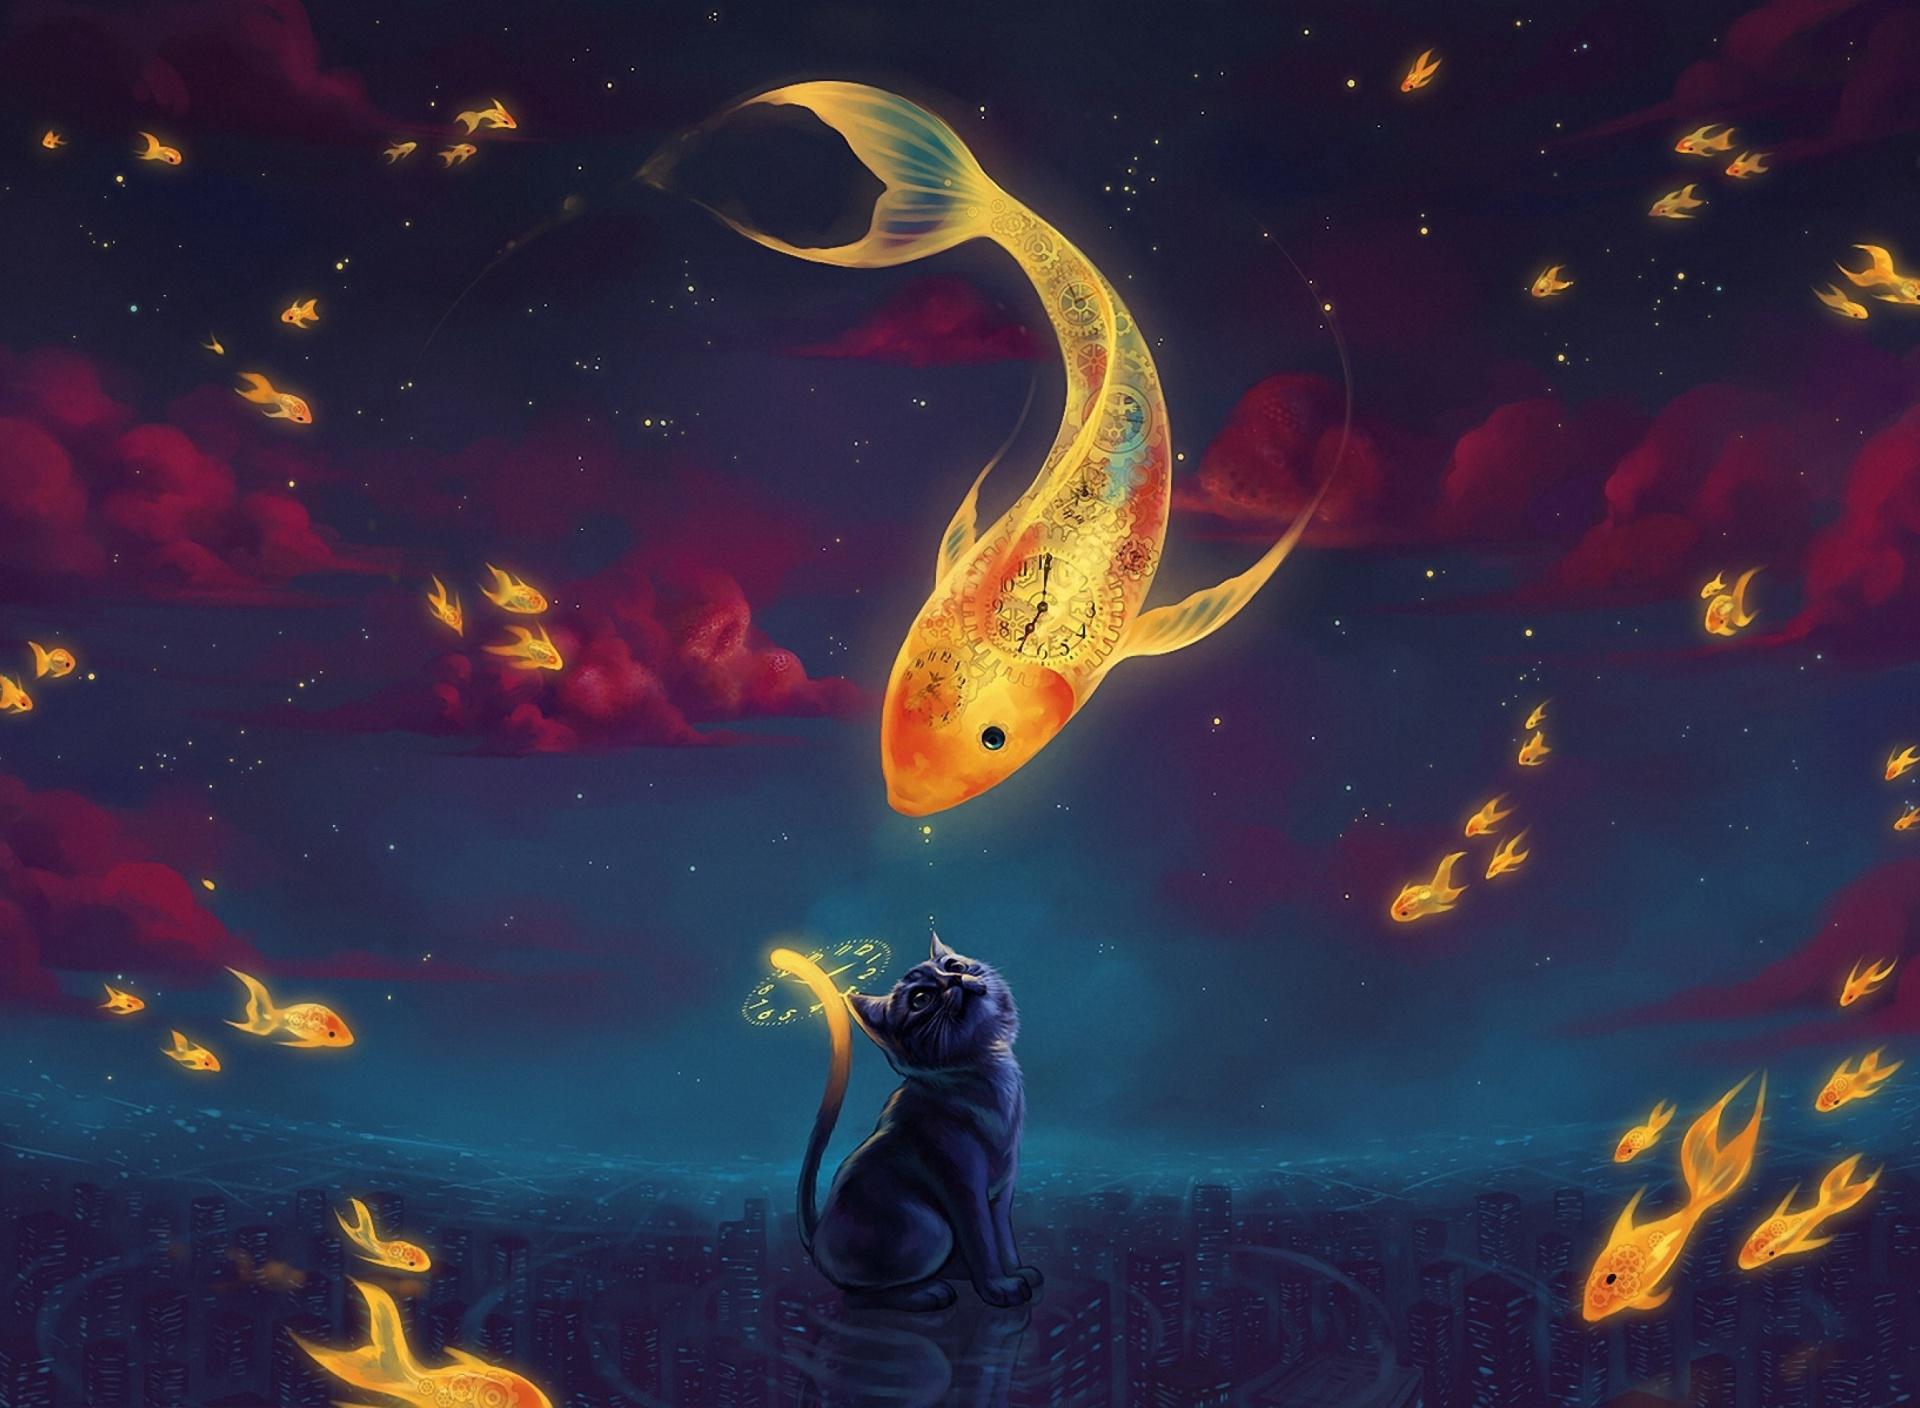 Черный котенок с золотой рыбкой  № 2955098 бесплатно